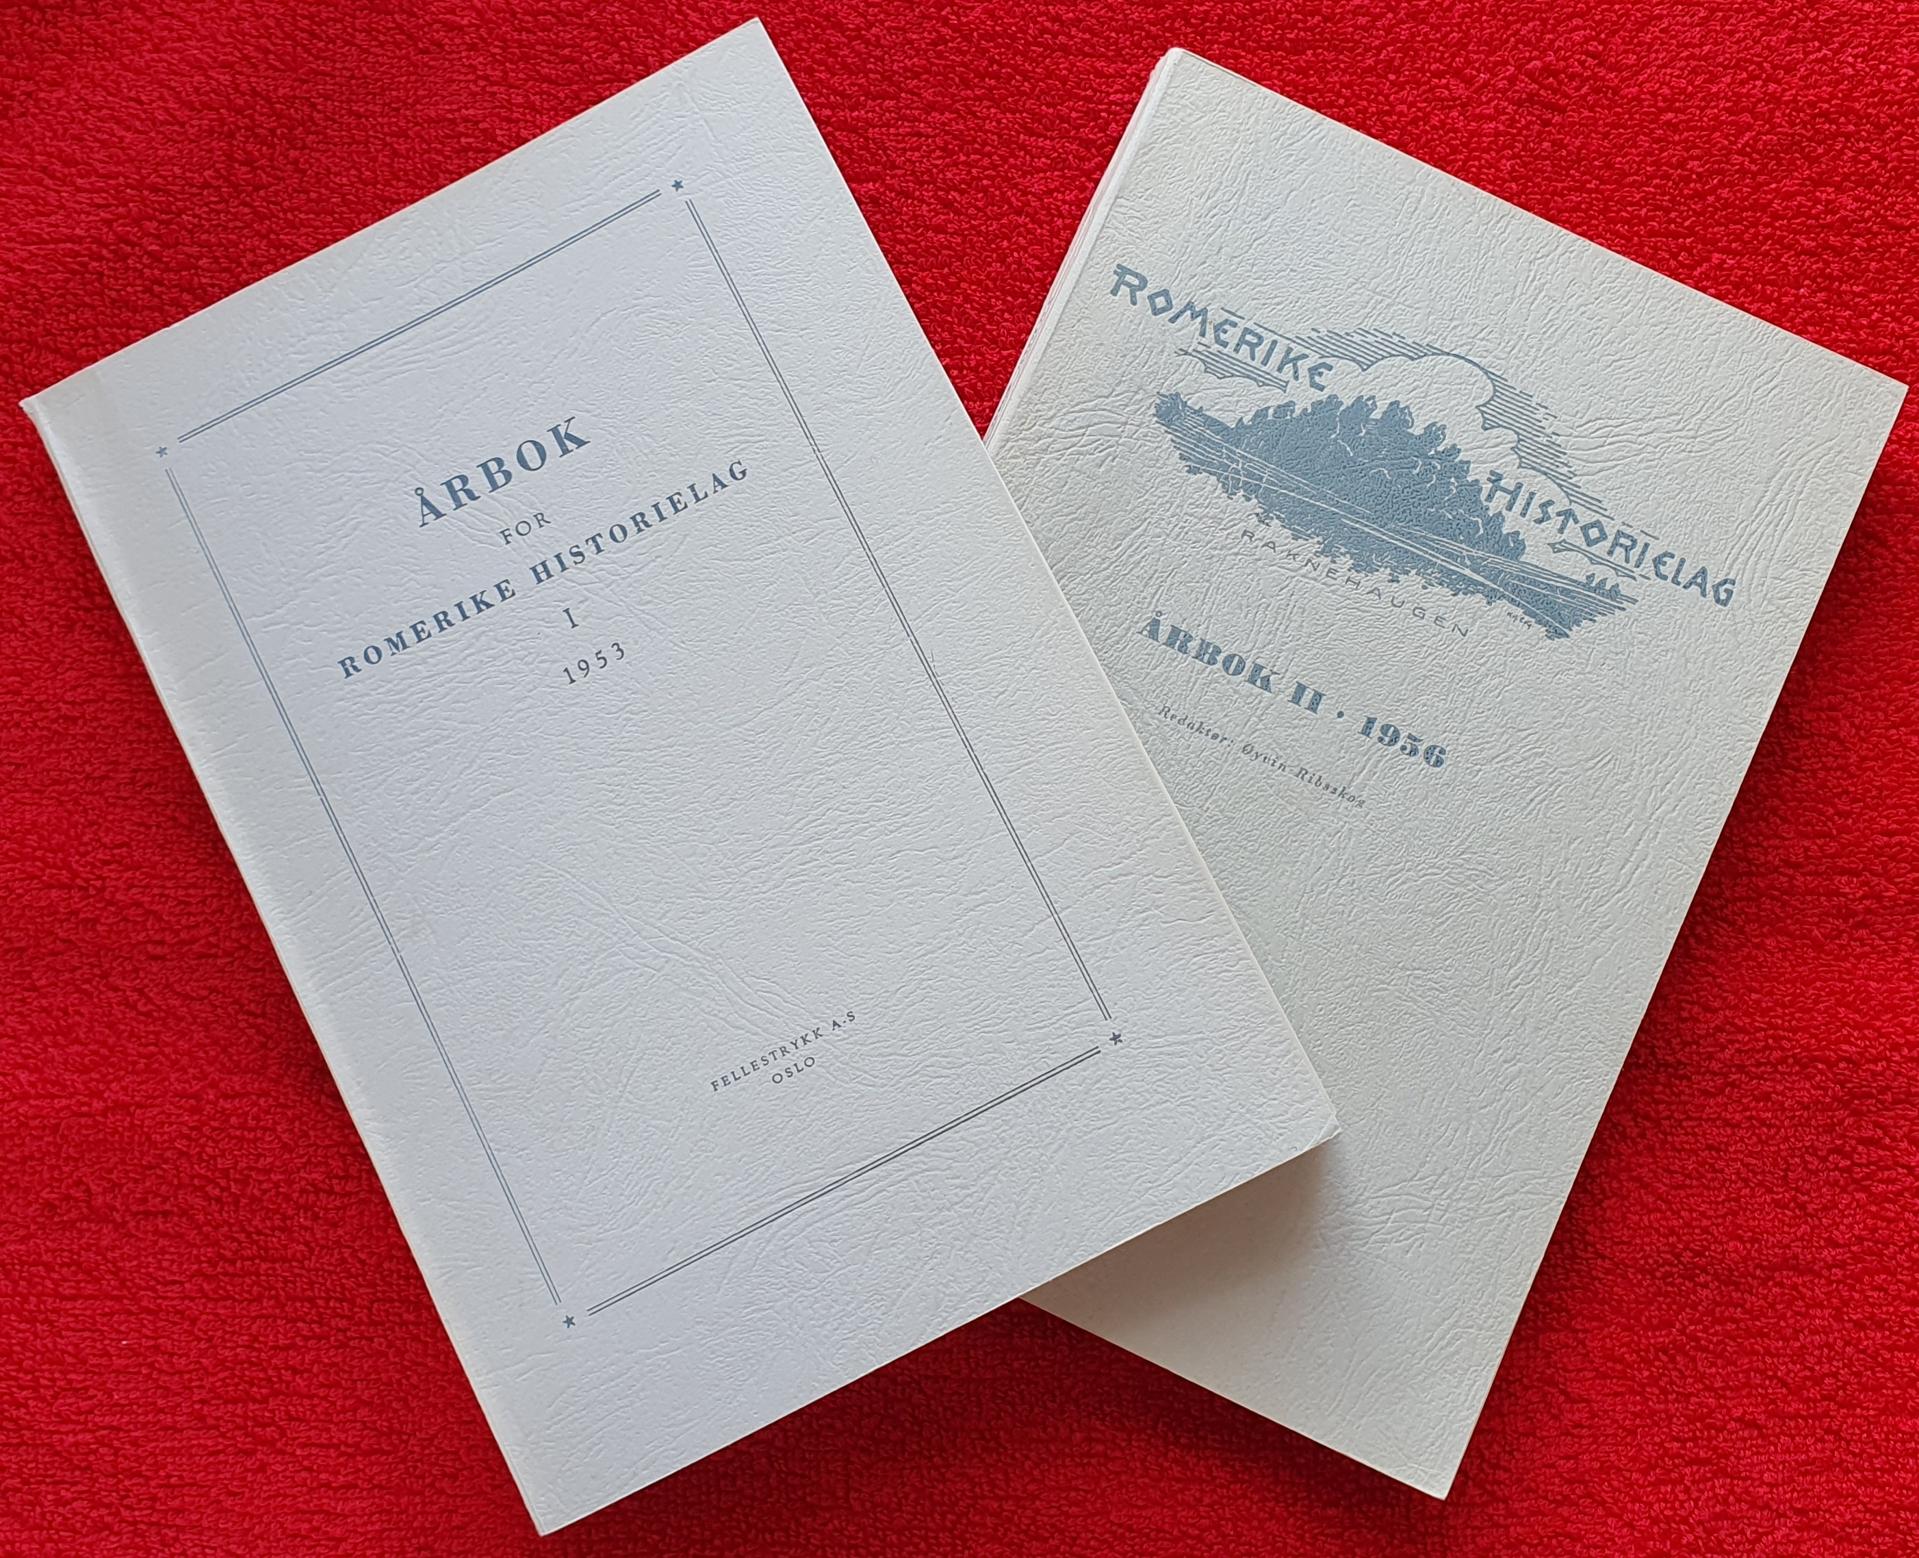 aarbok-1953-1956.jpg